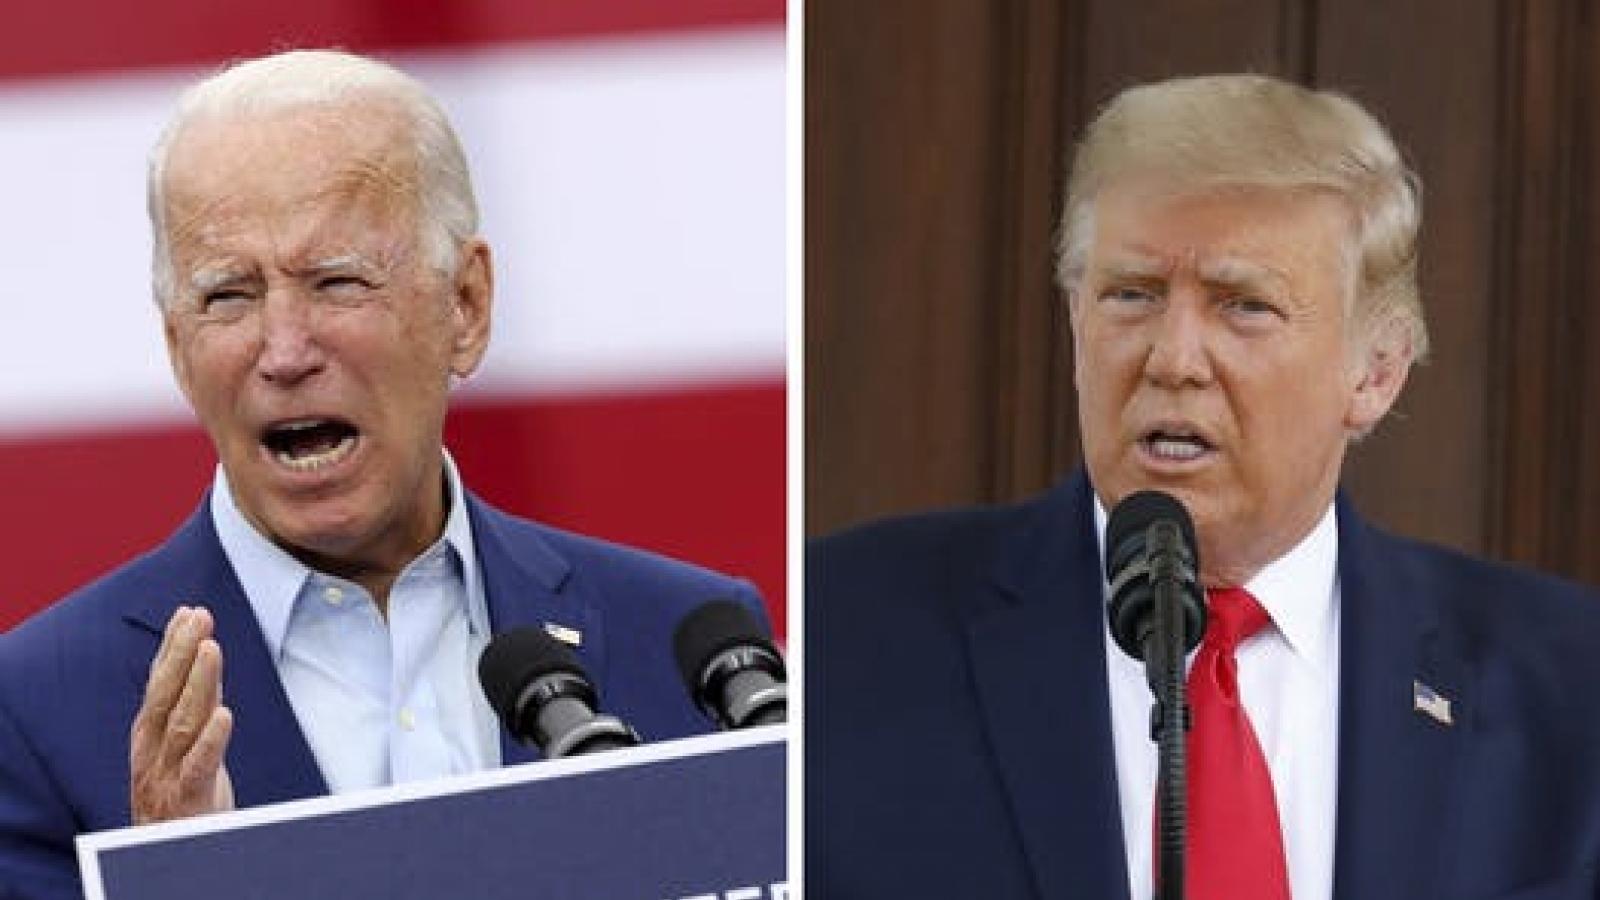 Kiểm phiếu lại khó giúp ông Trump vượt lên đối thủ Joe Biden